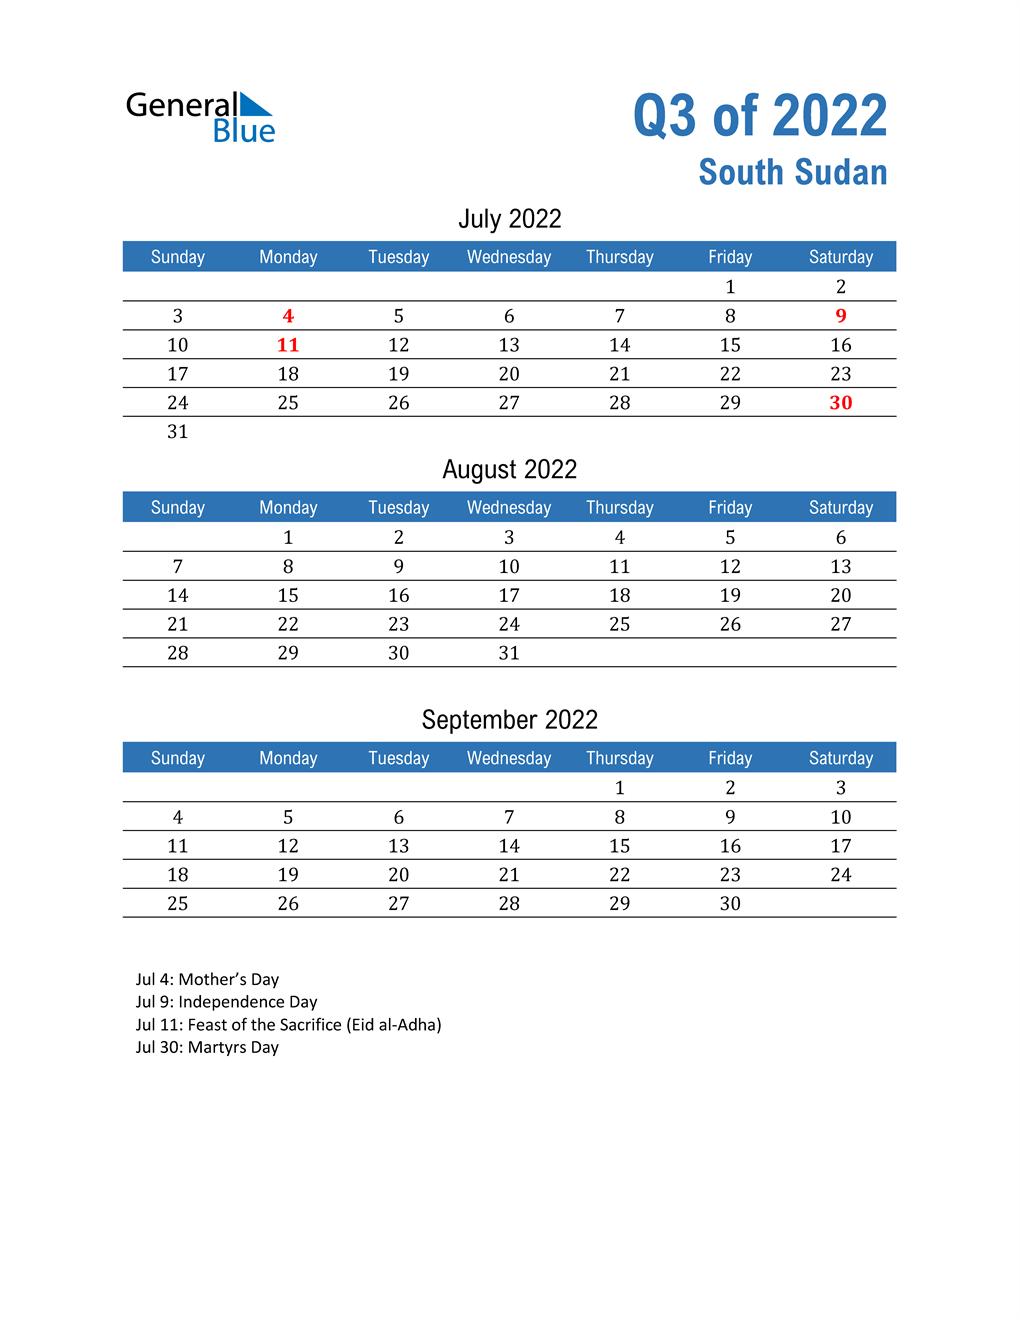 South Sudan 2022 Quarterly Calendar